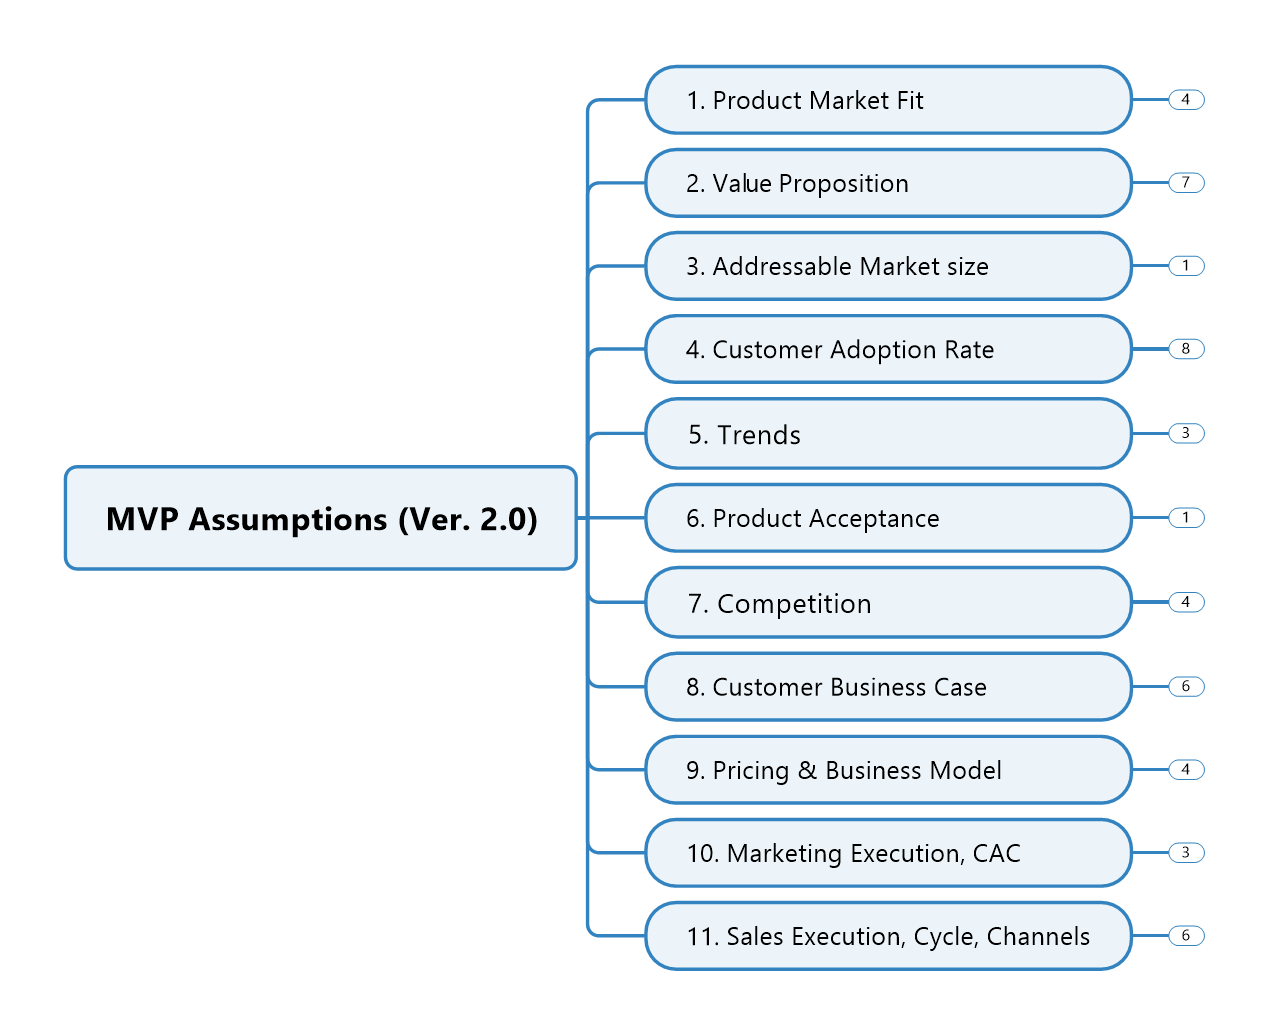 MVP GTM Assumptions